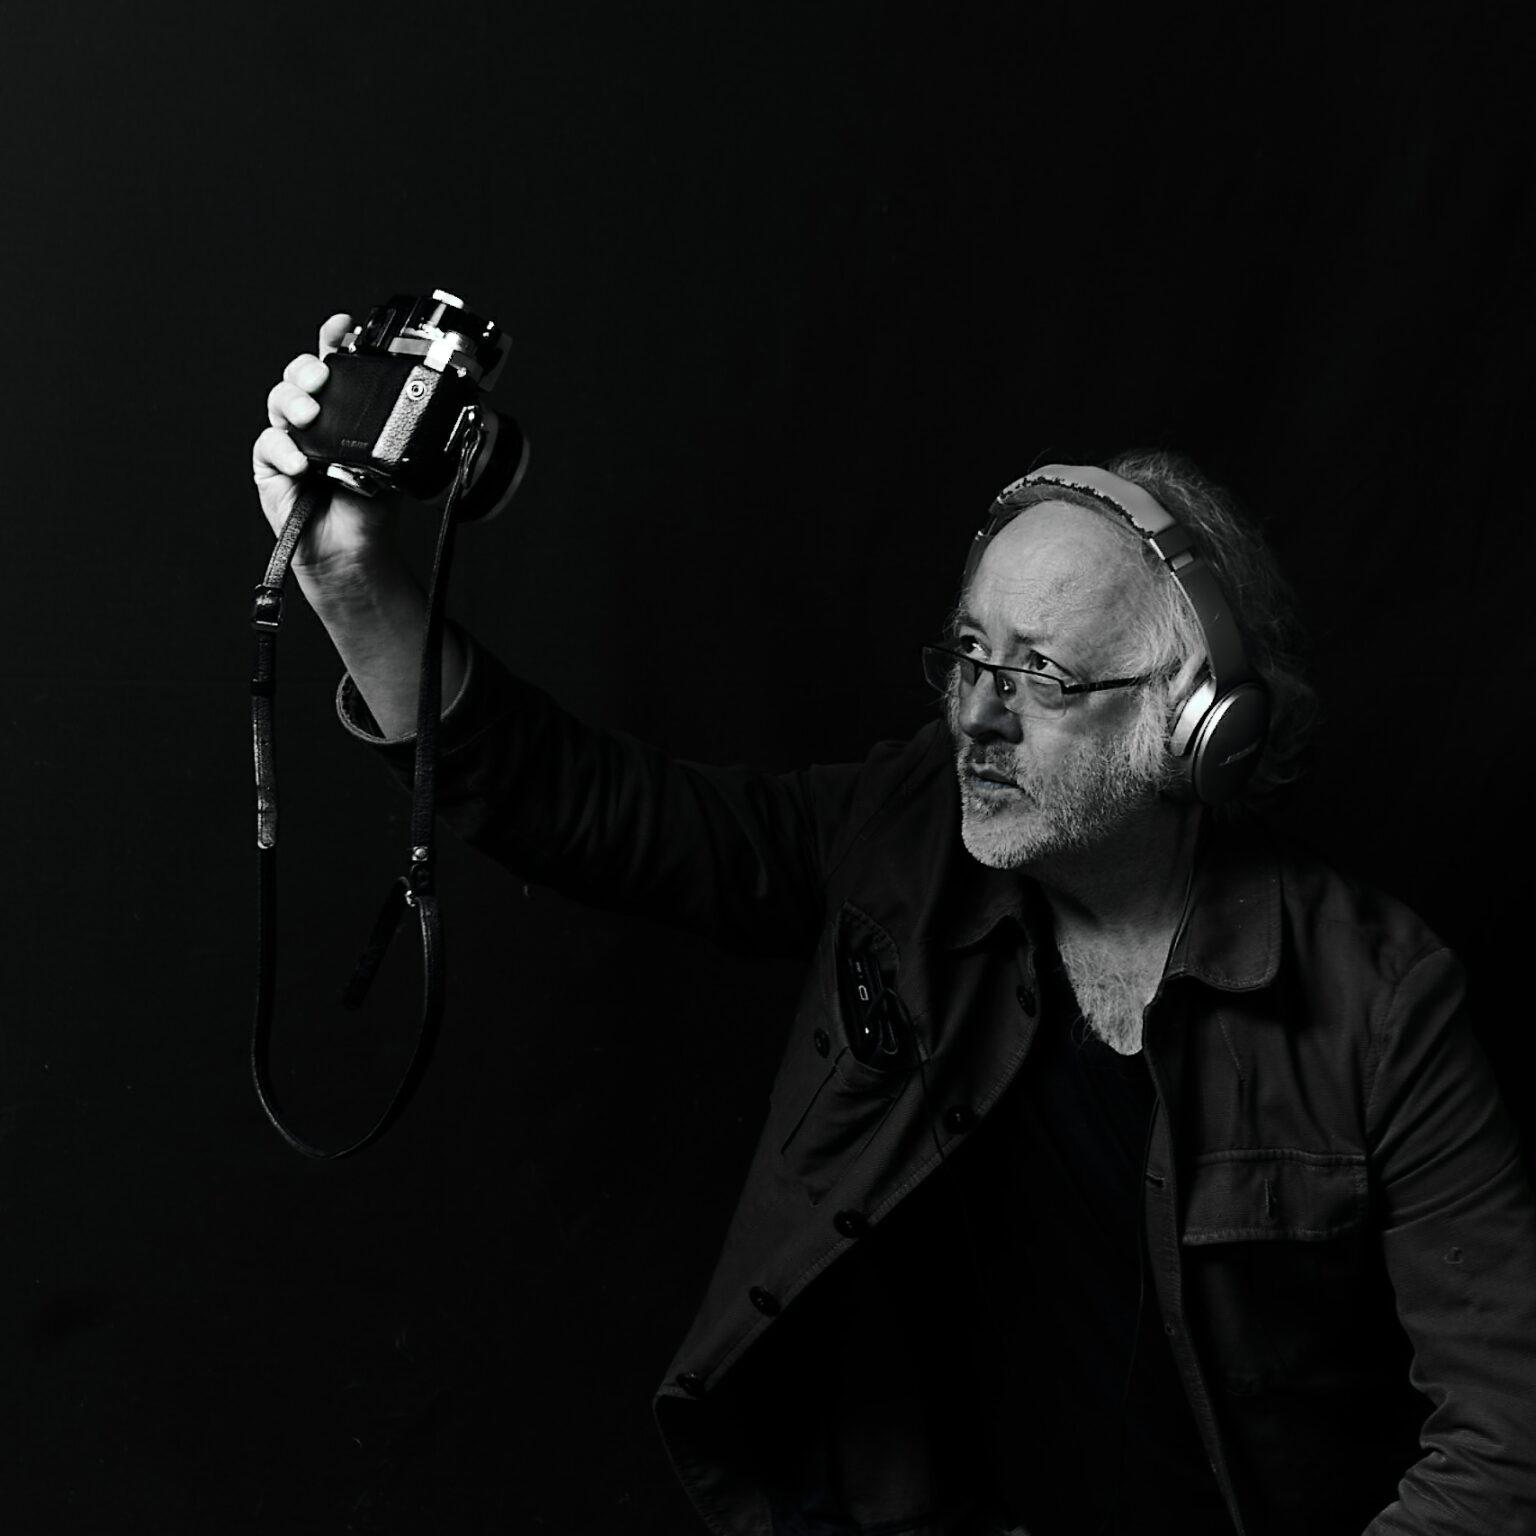 eduardo cereceda photographe